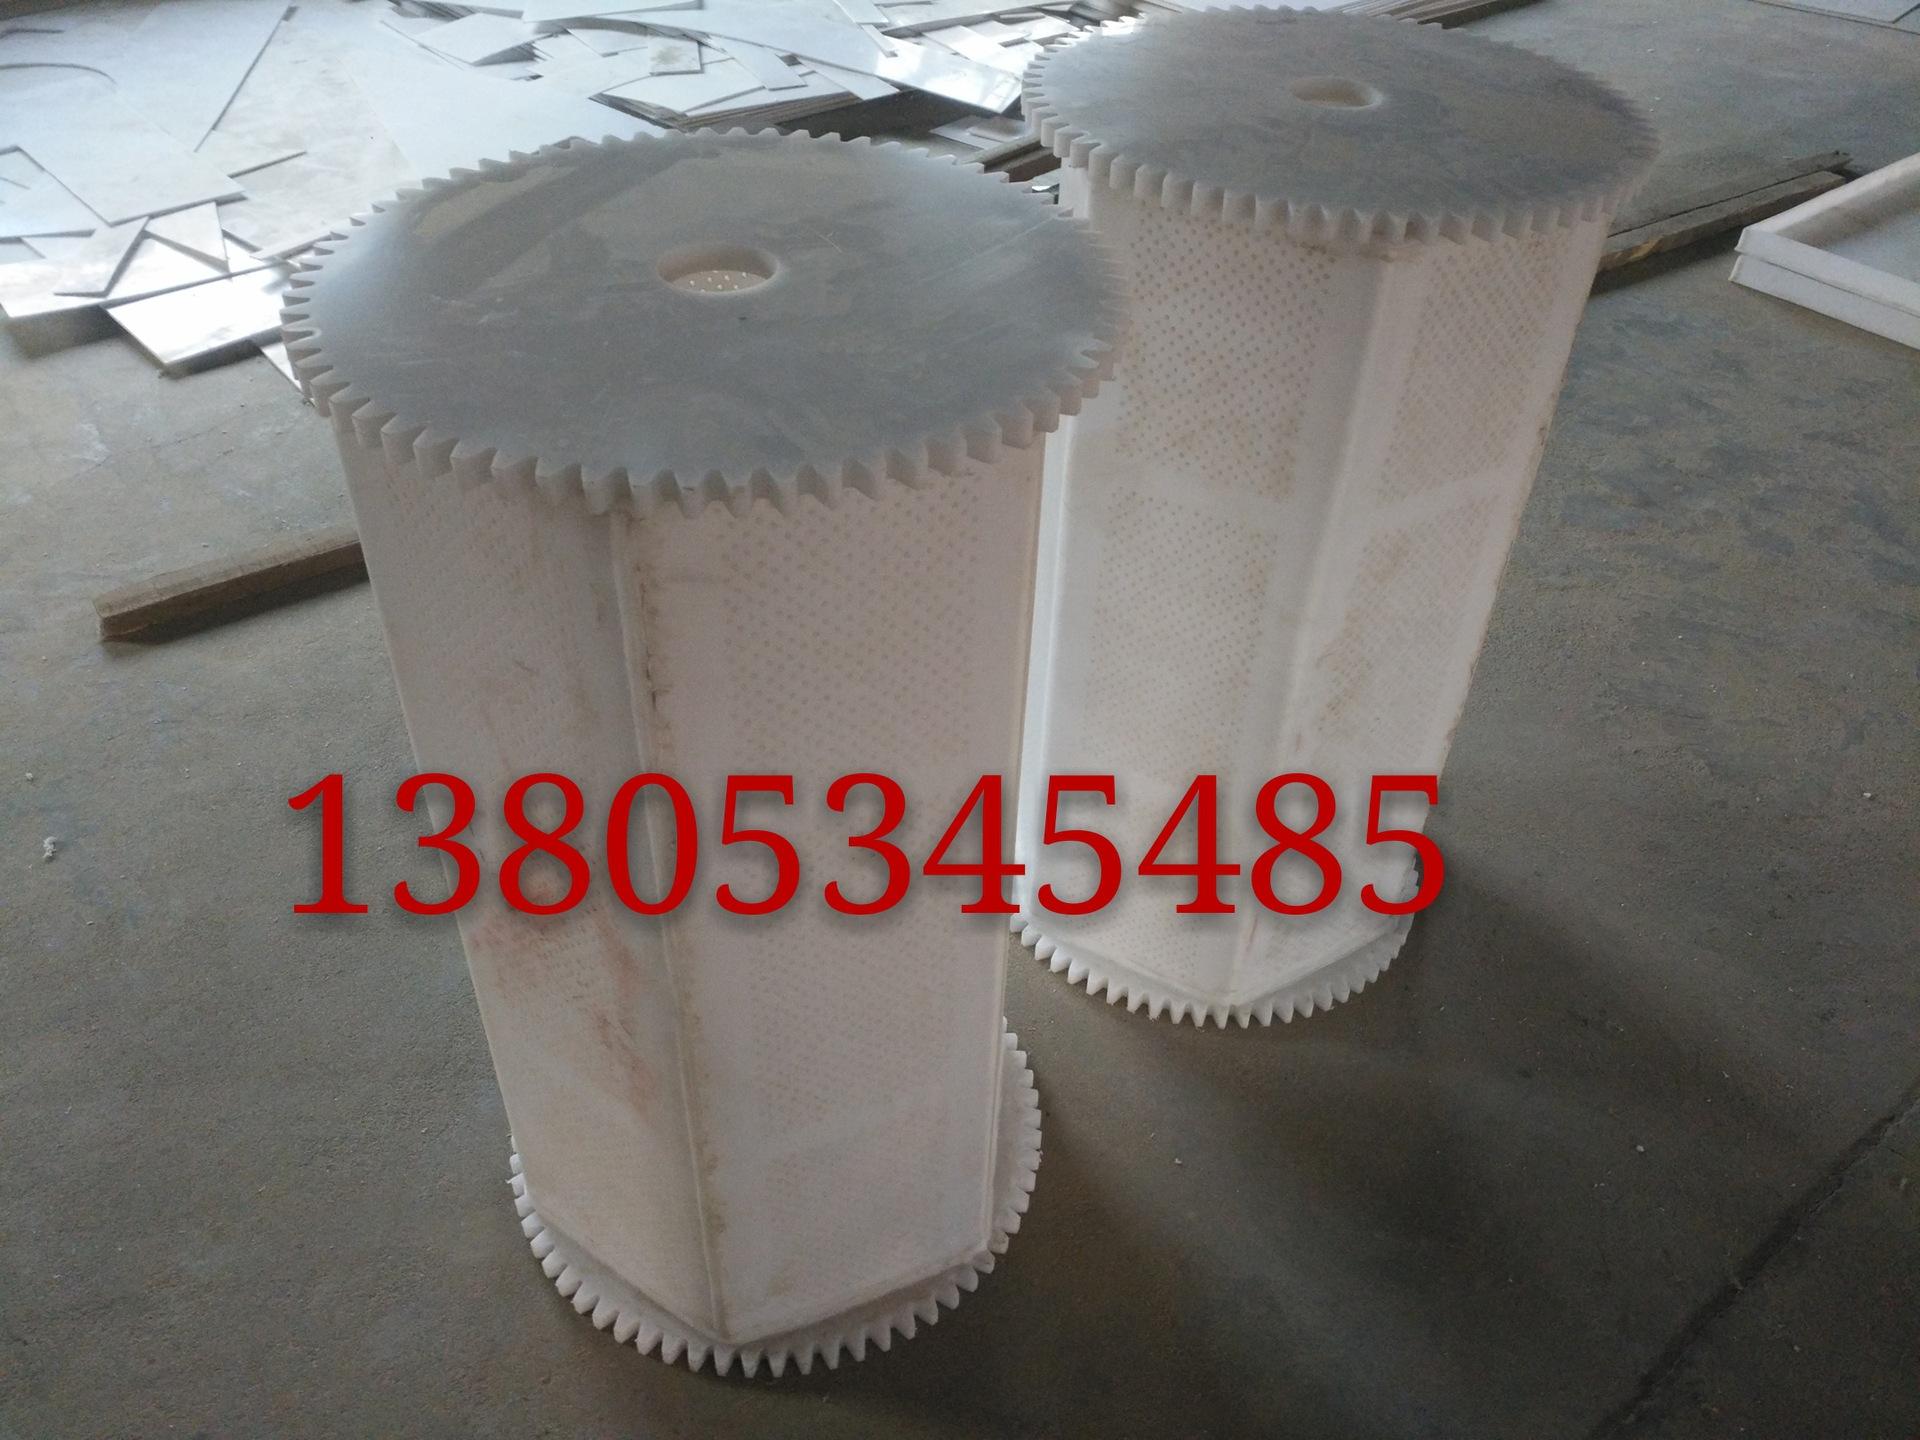 吉林市耐酸碱塑料电解槽 pp焊接塑料电解槽质量 聚丙烯pp水箱厂家示例图4